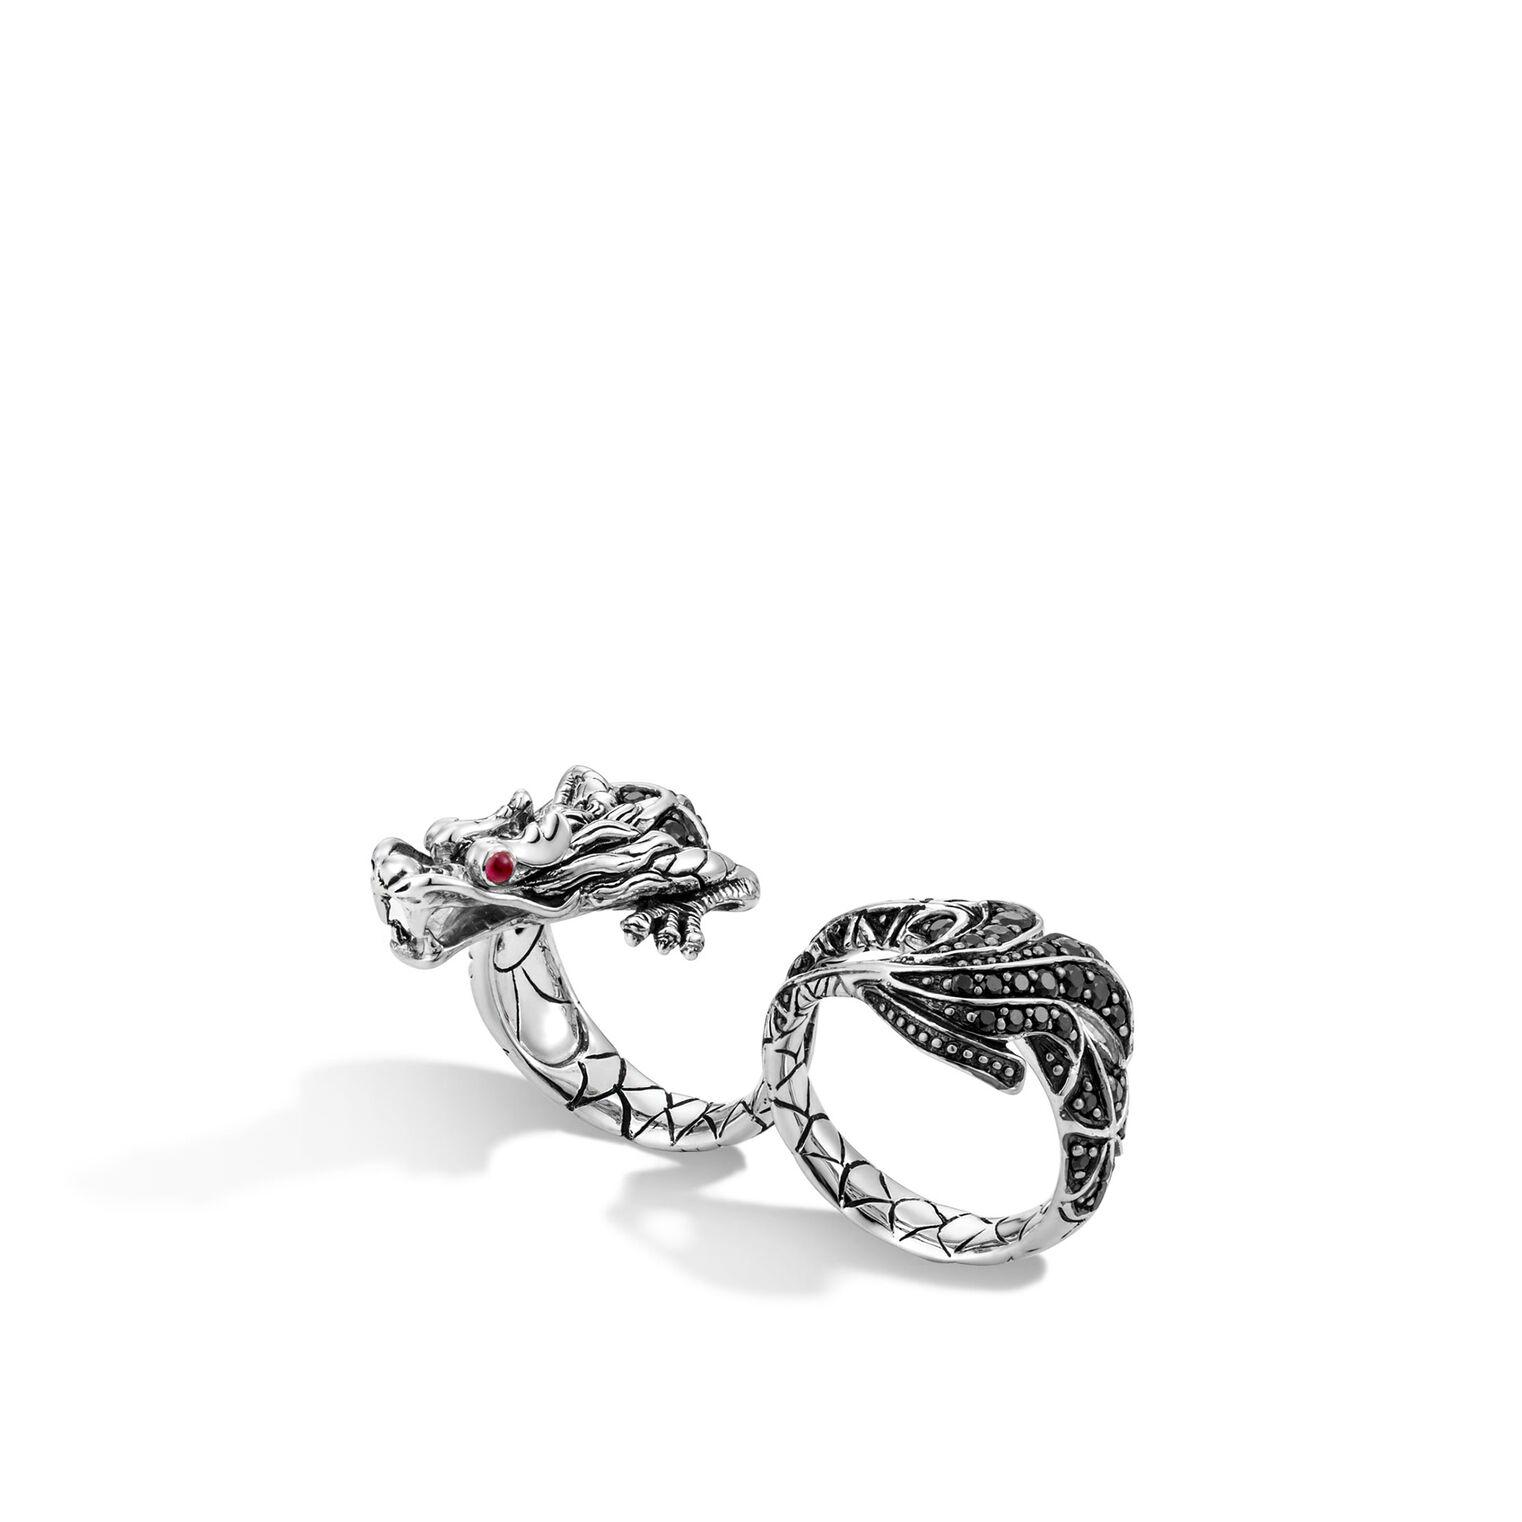 Naga Two-Finger Dragon Ring